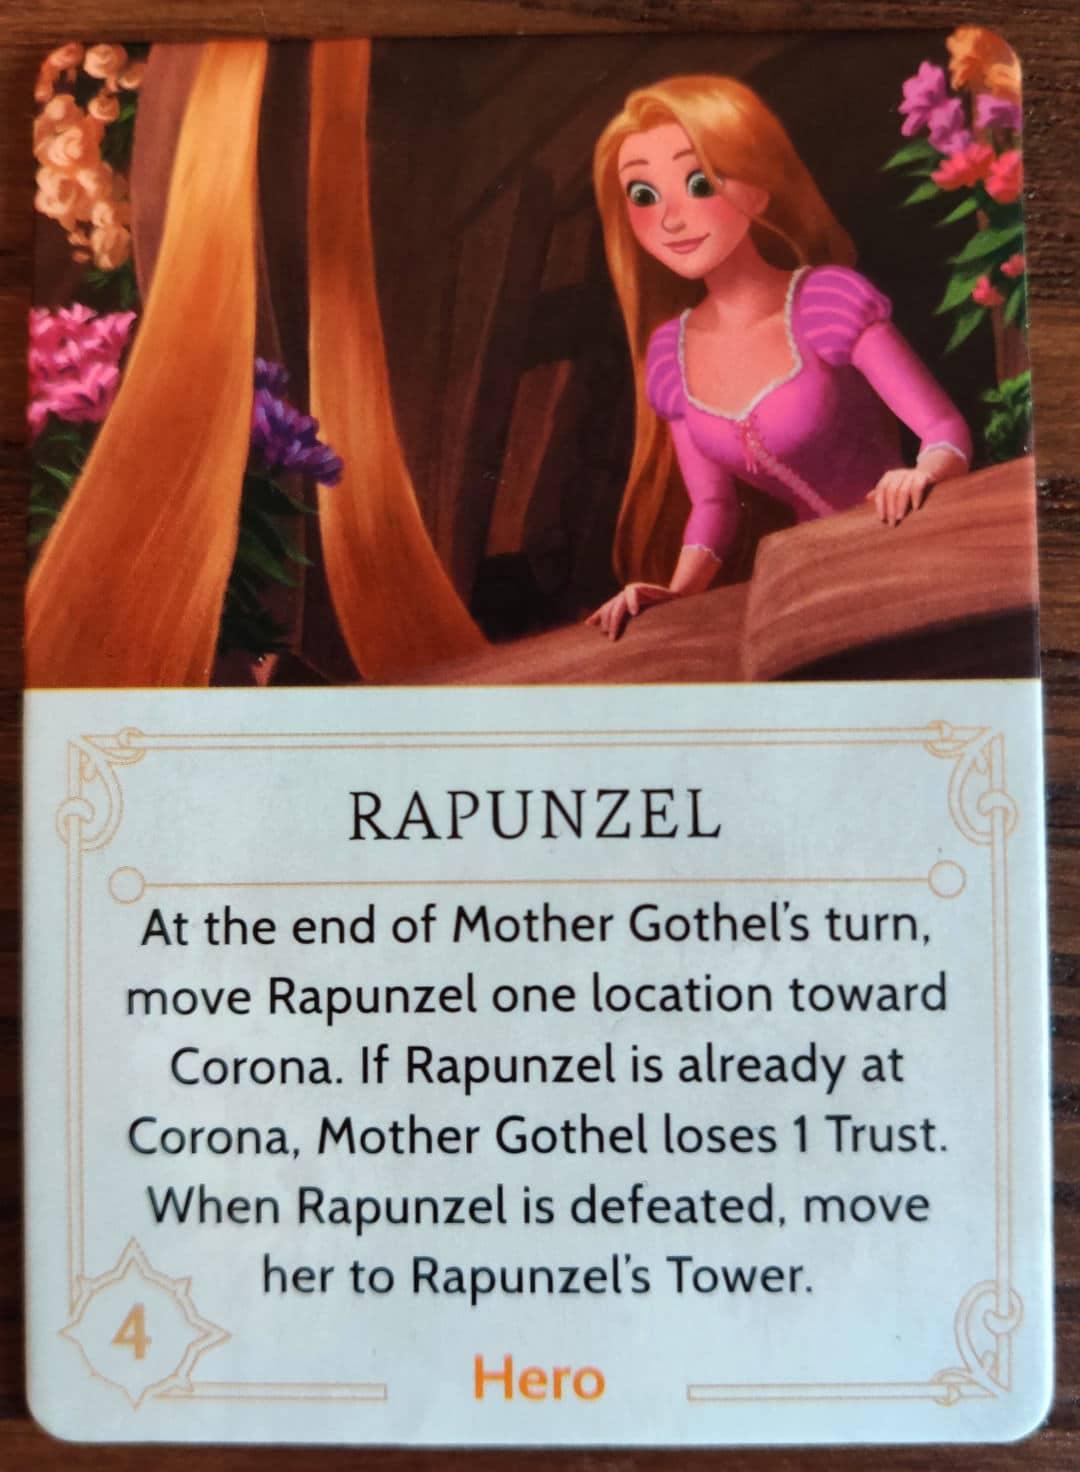 Rapunzel Hero token in Disney Villainous